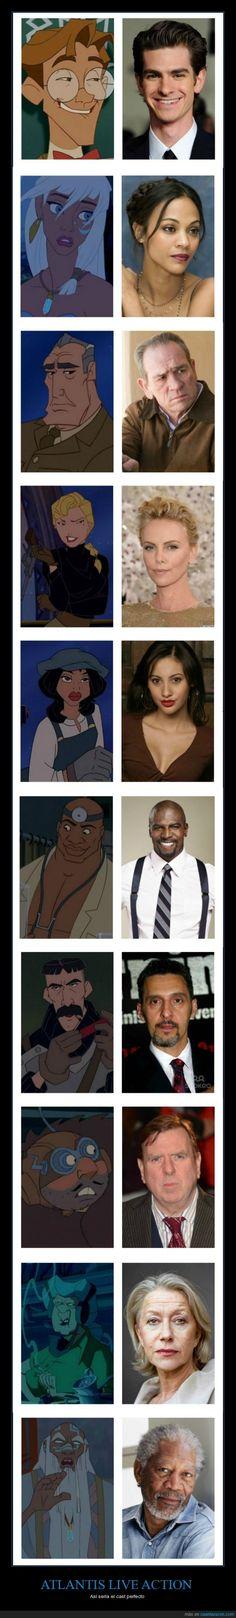 ¿Os acordáis de Atlantis? - Así sería el cast perfecto